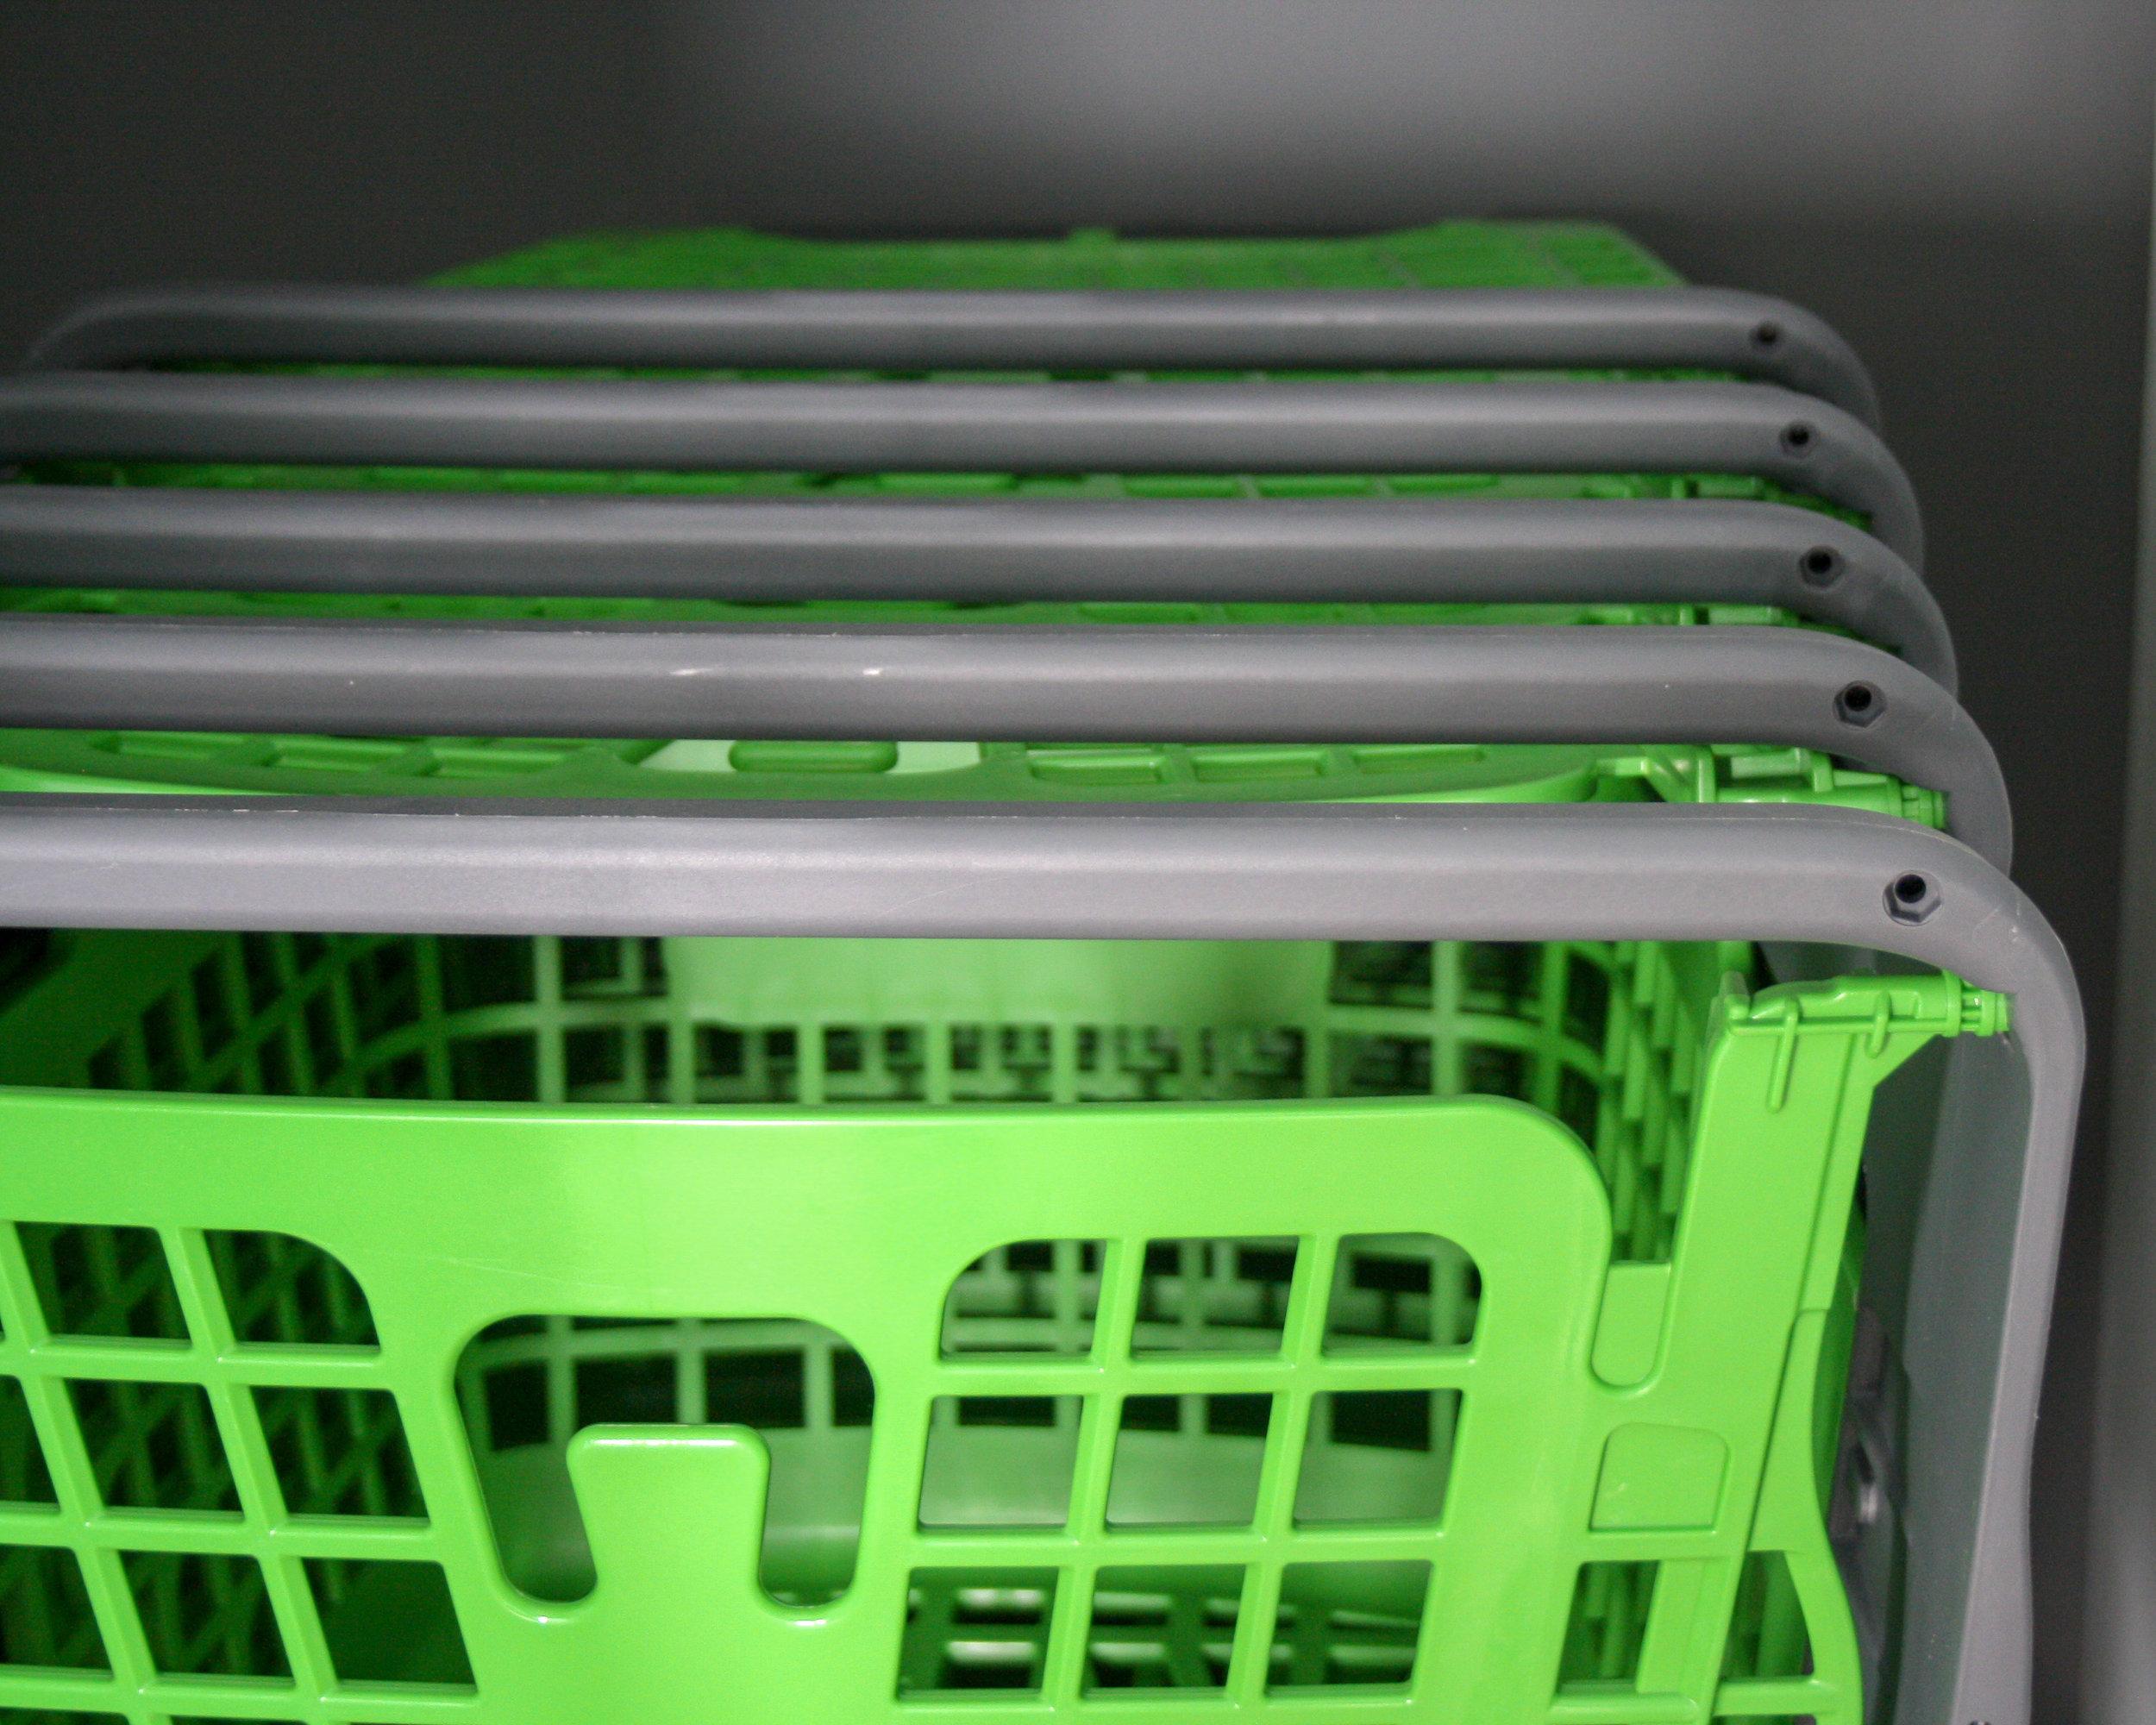 bravo-carrito-supermercado-detalle-perfil